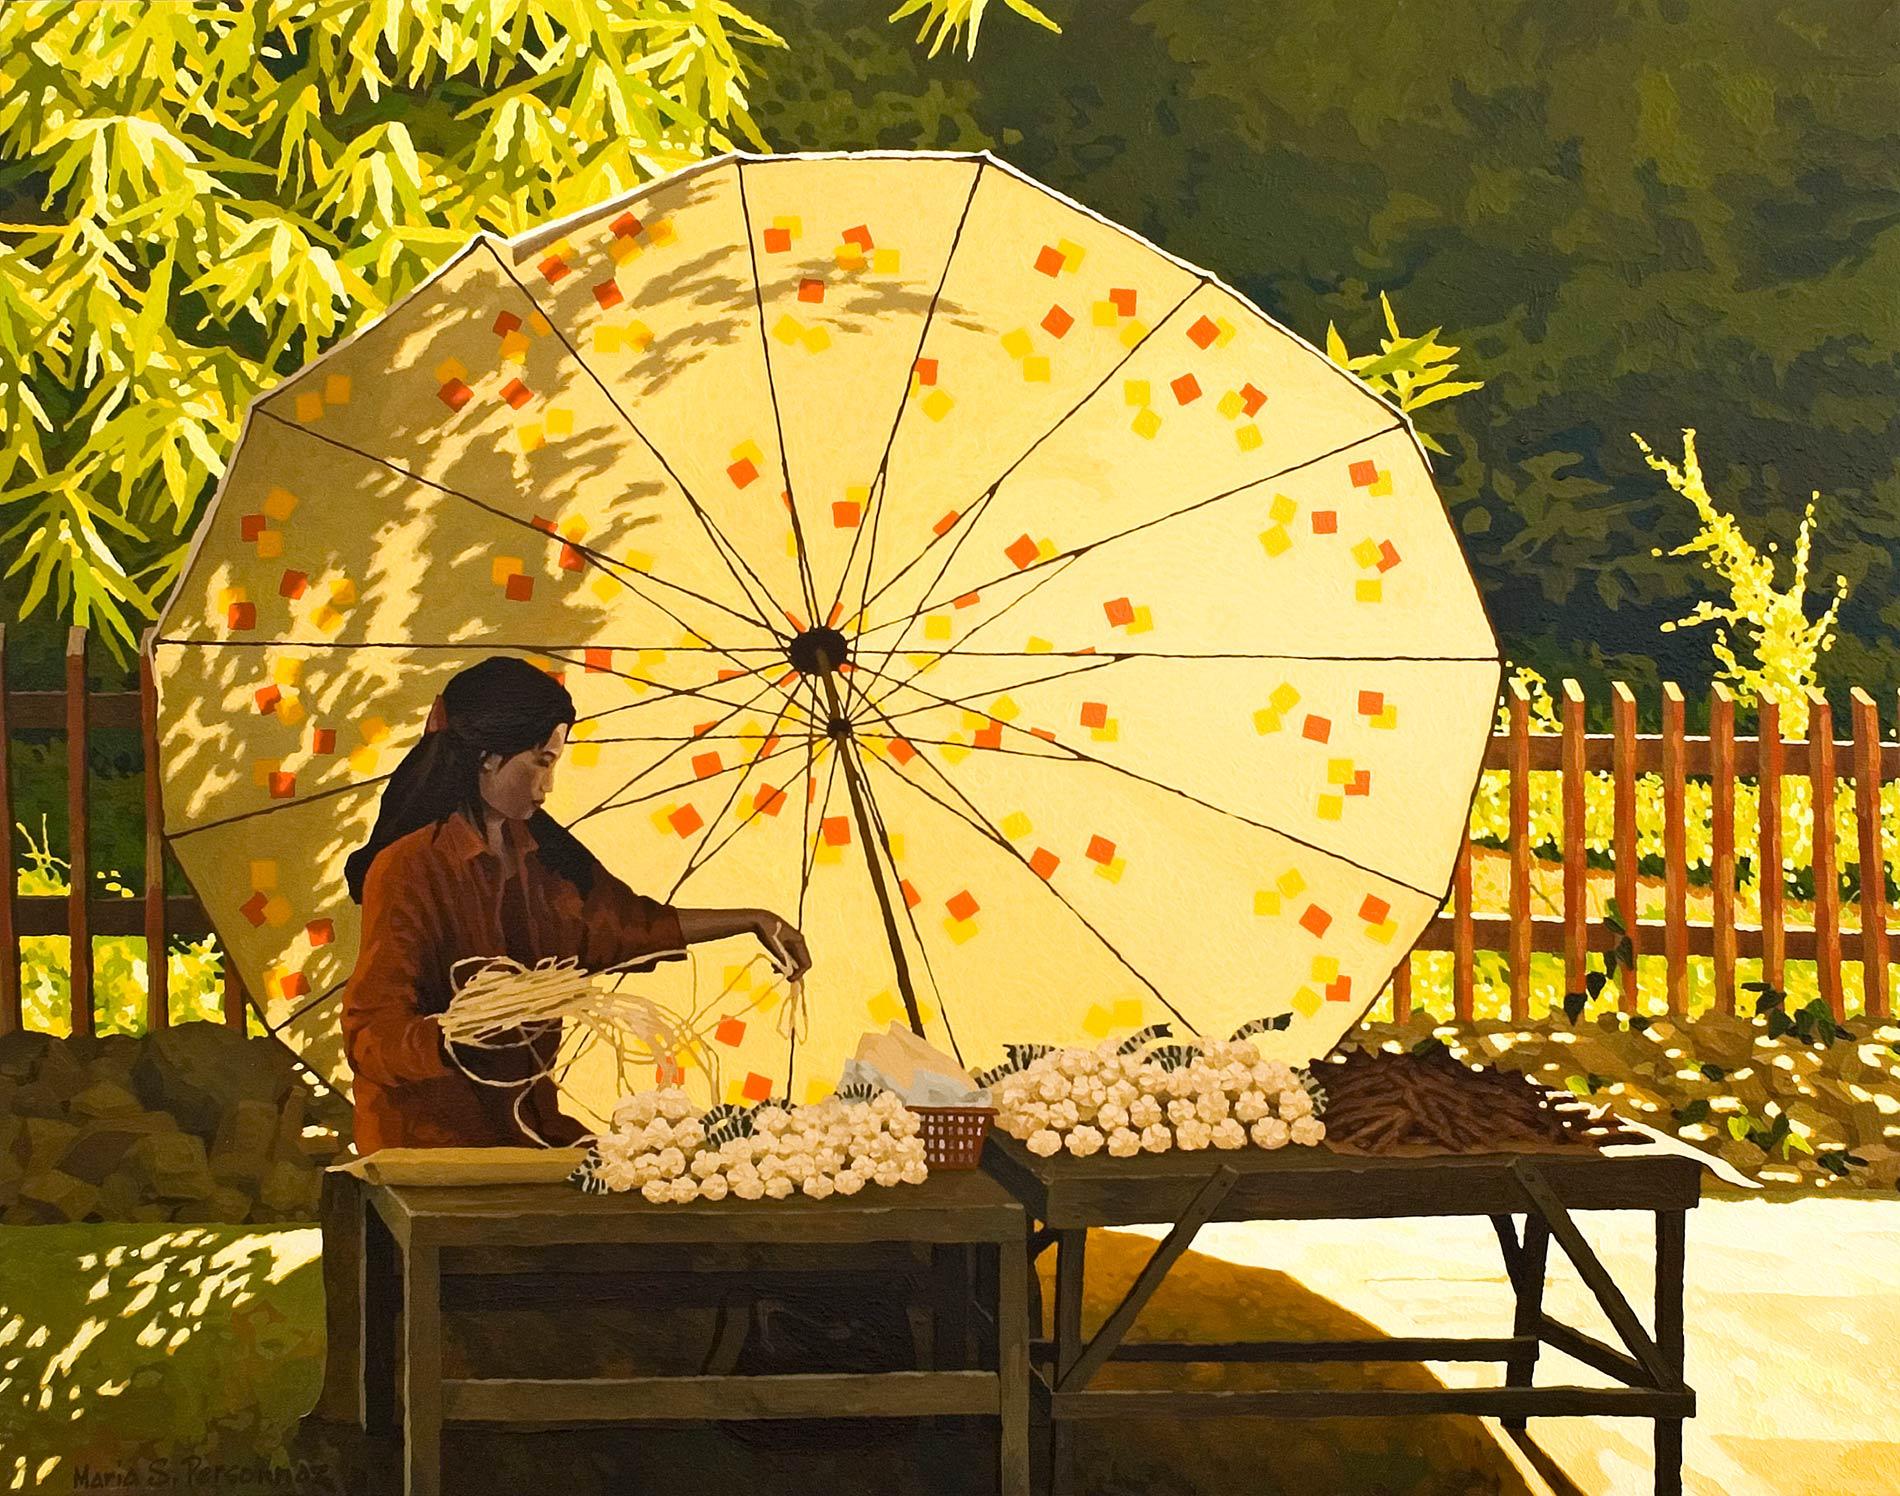 Marchande et son parasol à motifs, Vientiane